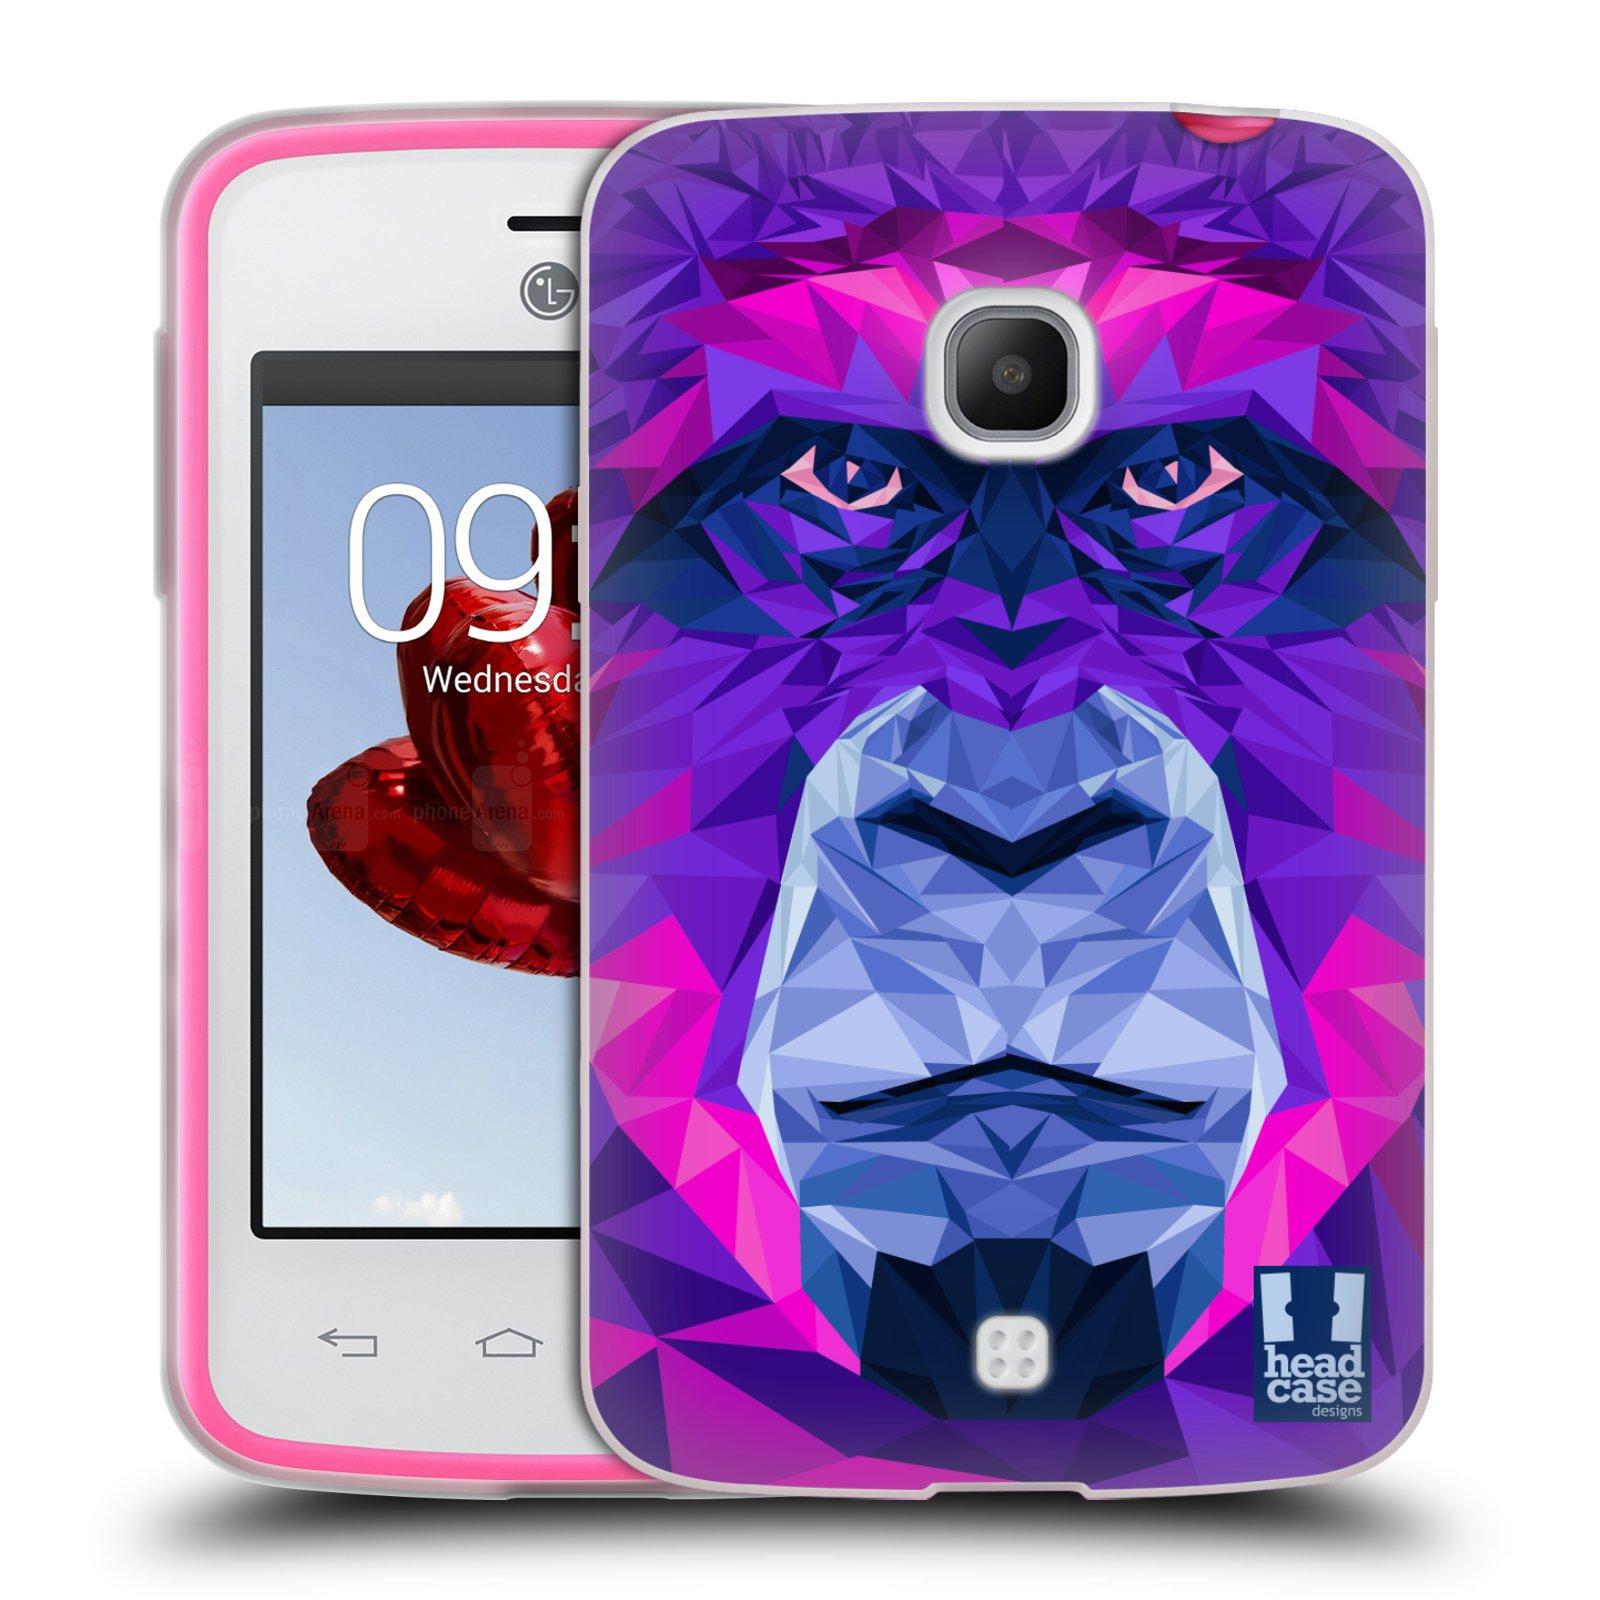 HEAD CASE silikonový obal na mobil LG L30 vzor Geometrická zvířata 2 Orangutan